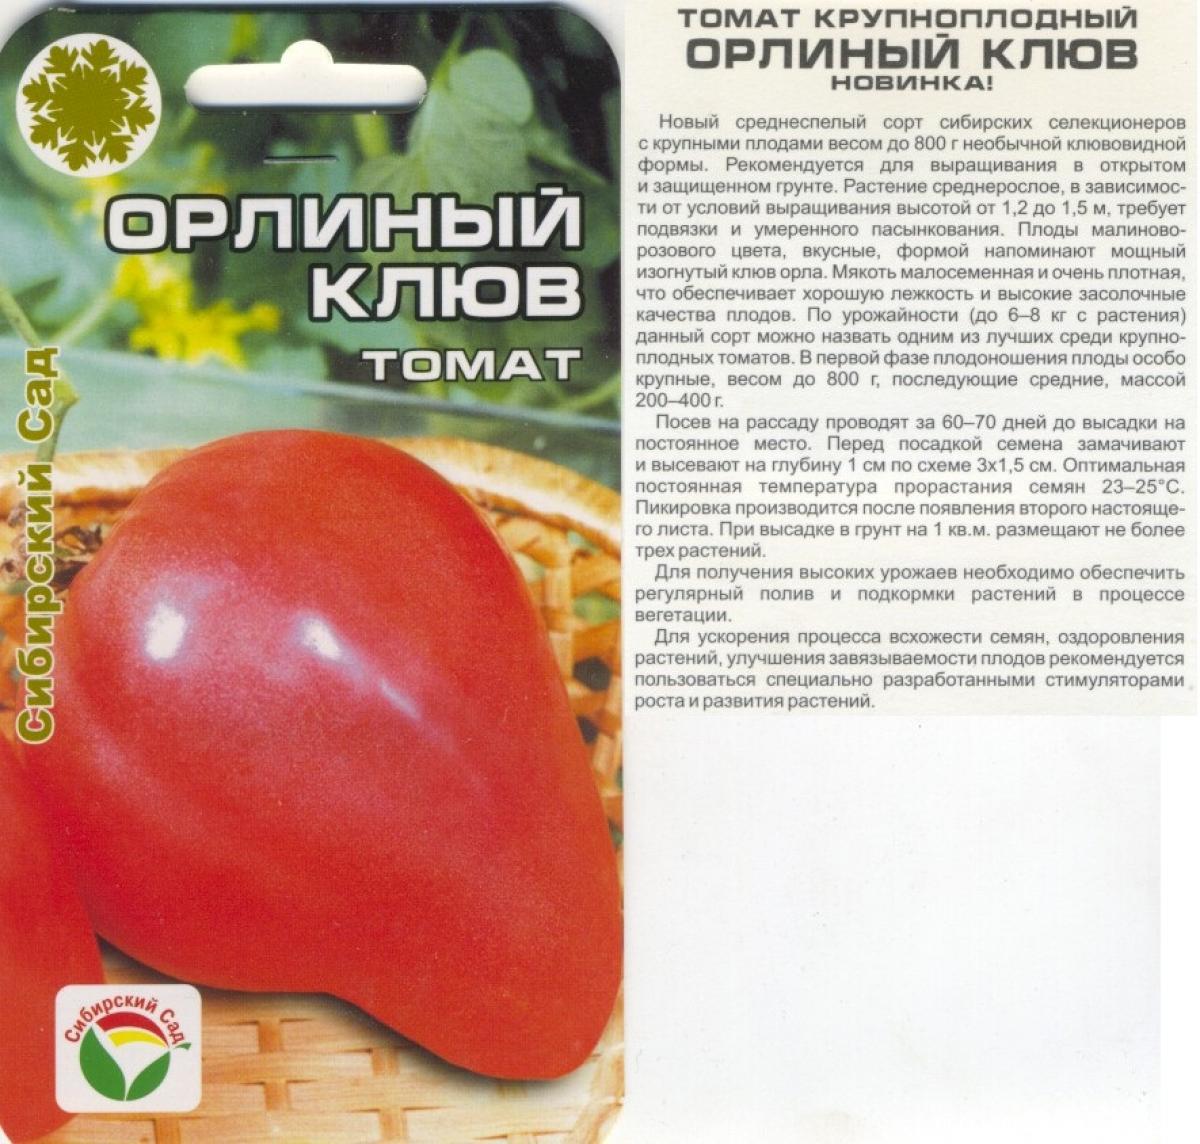 Томат орлиный клюв: отзывы, фото, урожайность, описание и характеристика   tomatland.ru